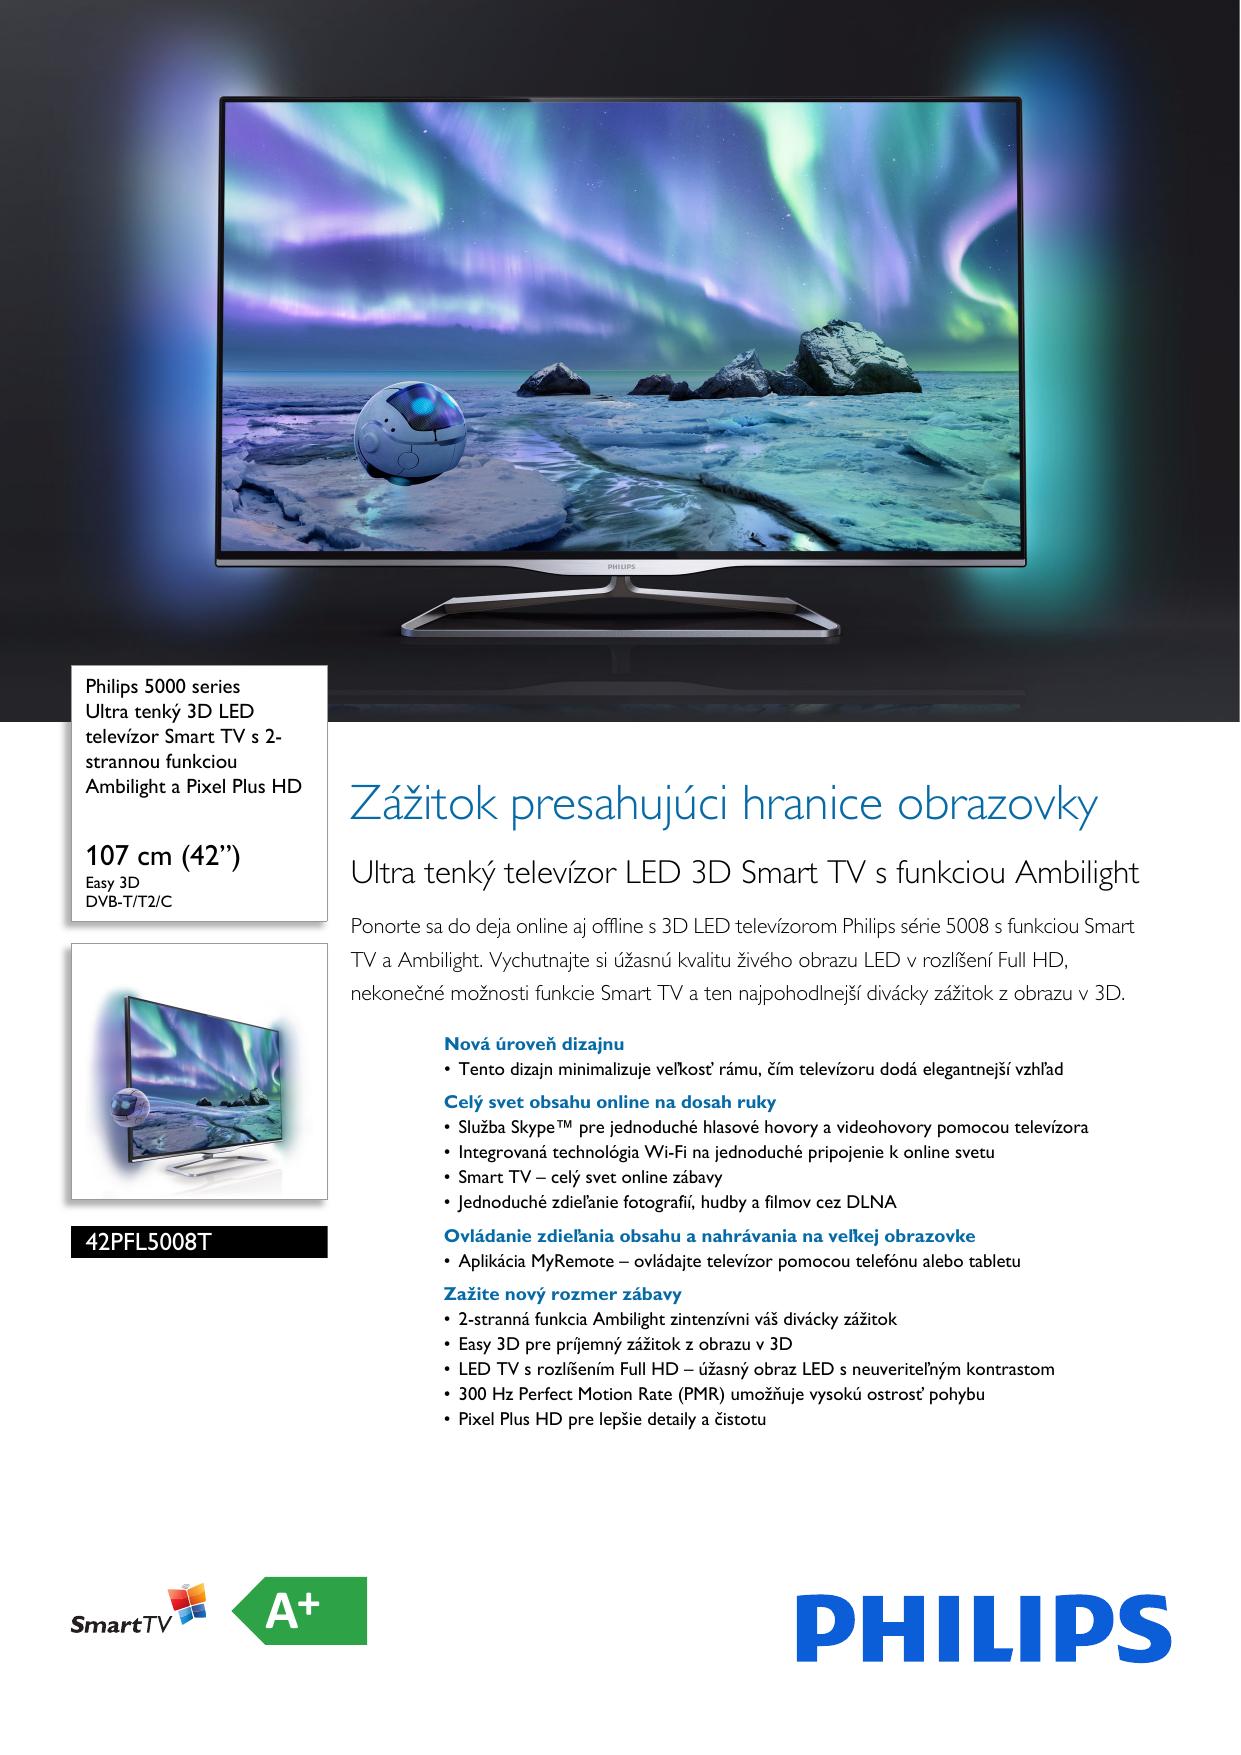 0126d9e1d Philips 42PFL5008T/12 Leaflet 42PFL5008T_12 Released Slovakia (Slovak) User  Manual Prospekt 42pfl5008t 12 Pss Slksk